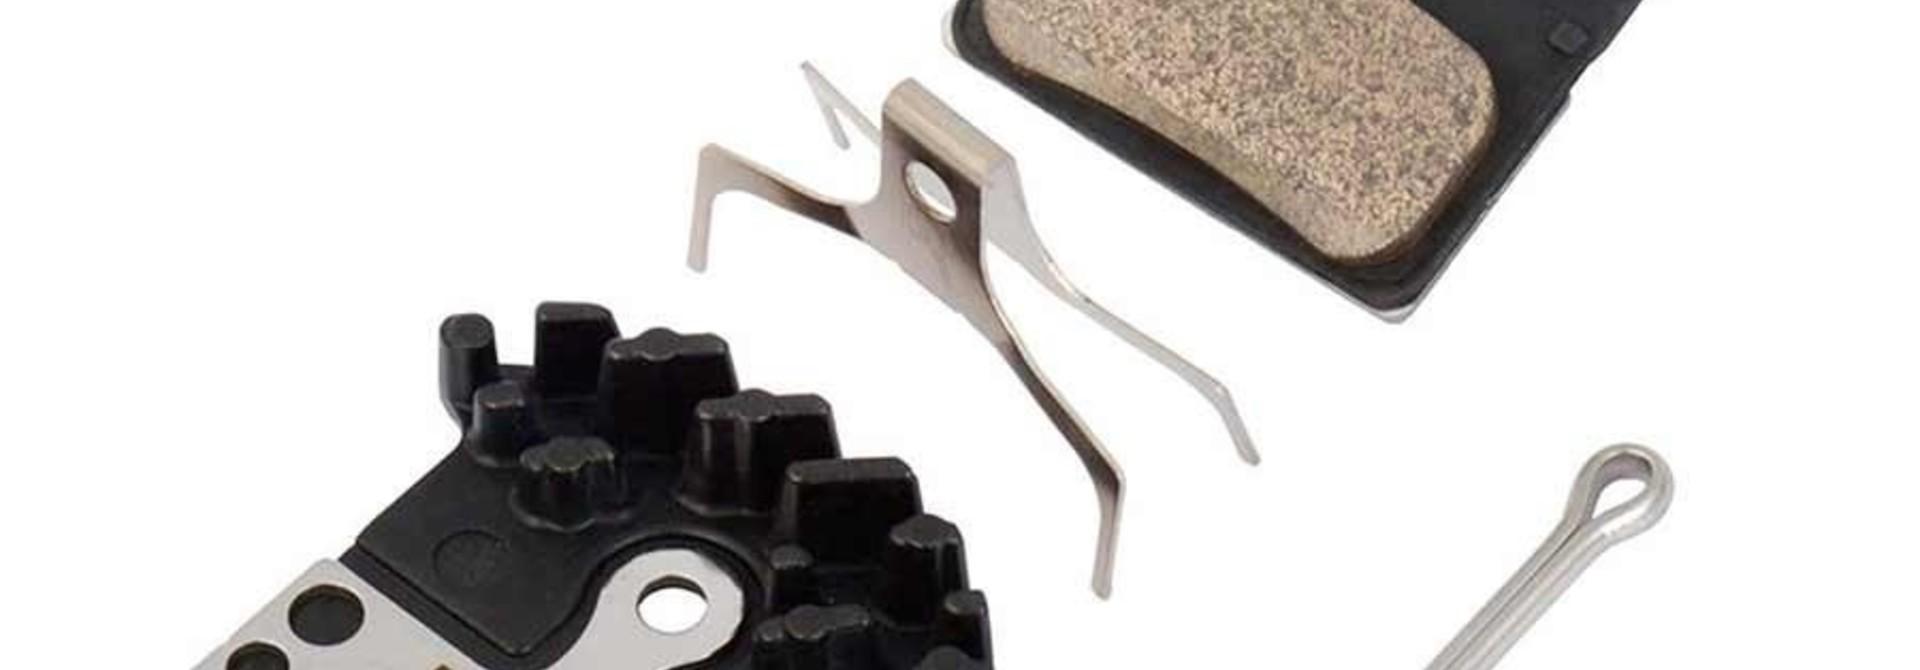 Shimano, D02S, 4 Piston Disc brake pads, Metal, Pair, D type, 4-piston